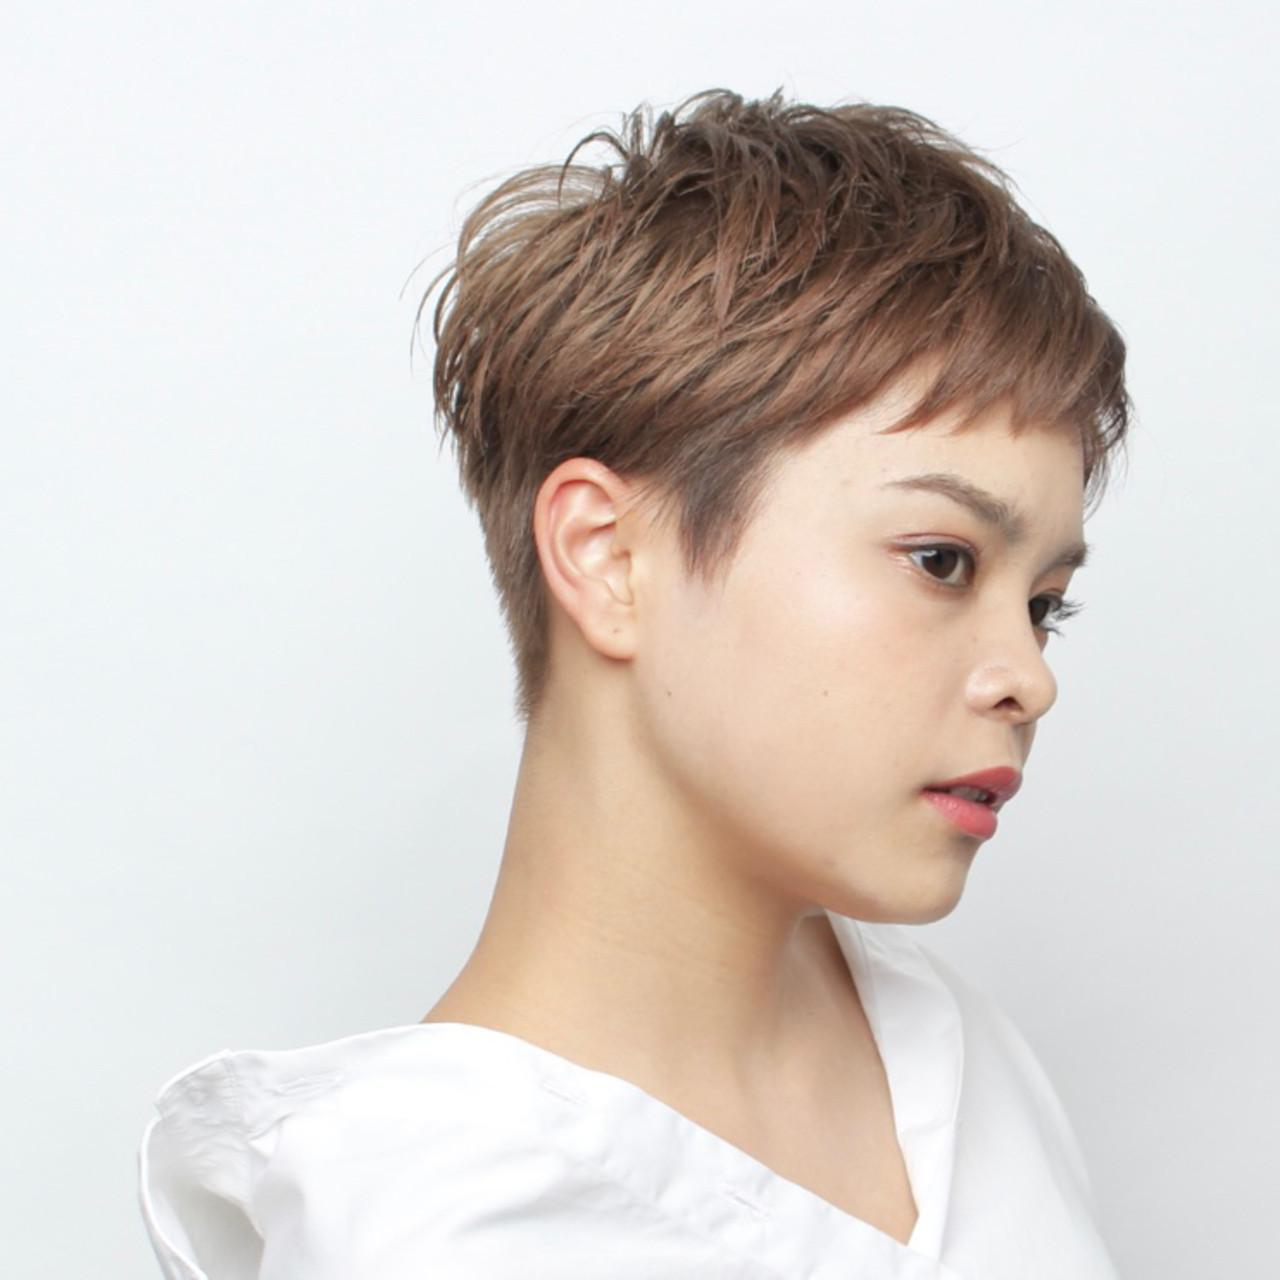 周りの目を引く女子っぽショートを狙って☆ 石井優弥【PEEK-A-BOO】